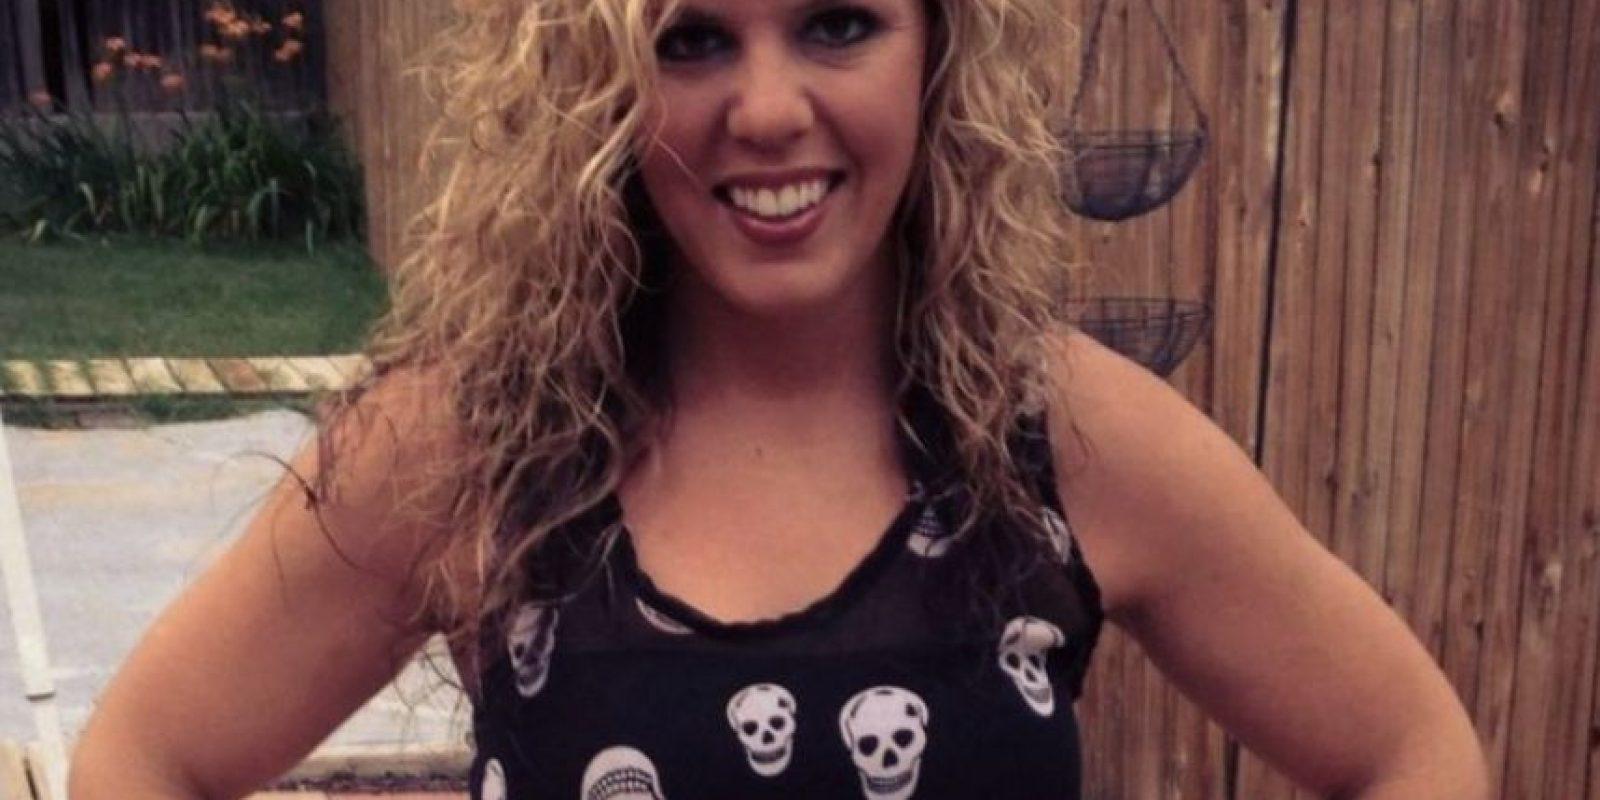 Whitney Fetters de 28 años, envió por lo menos 20 selfies mostrándose totalmente Foto:Twitter